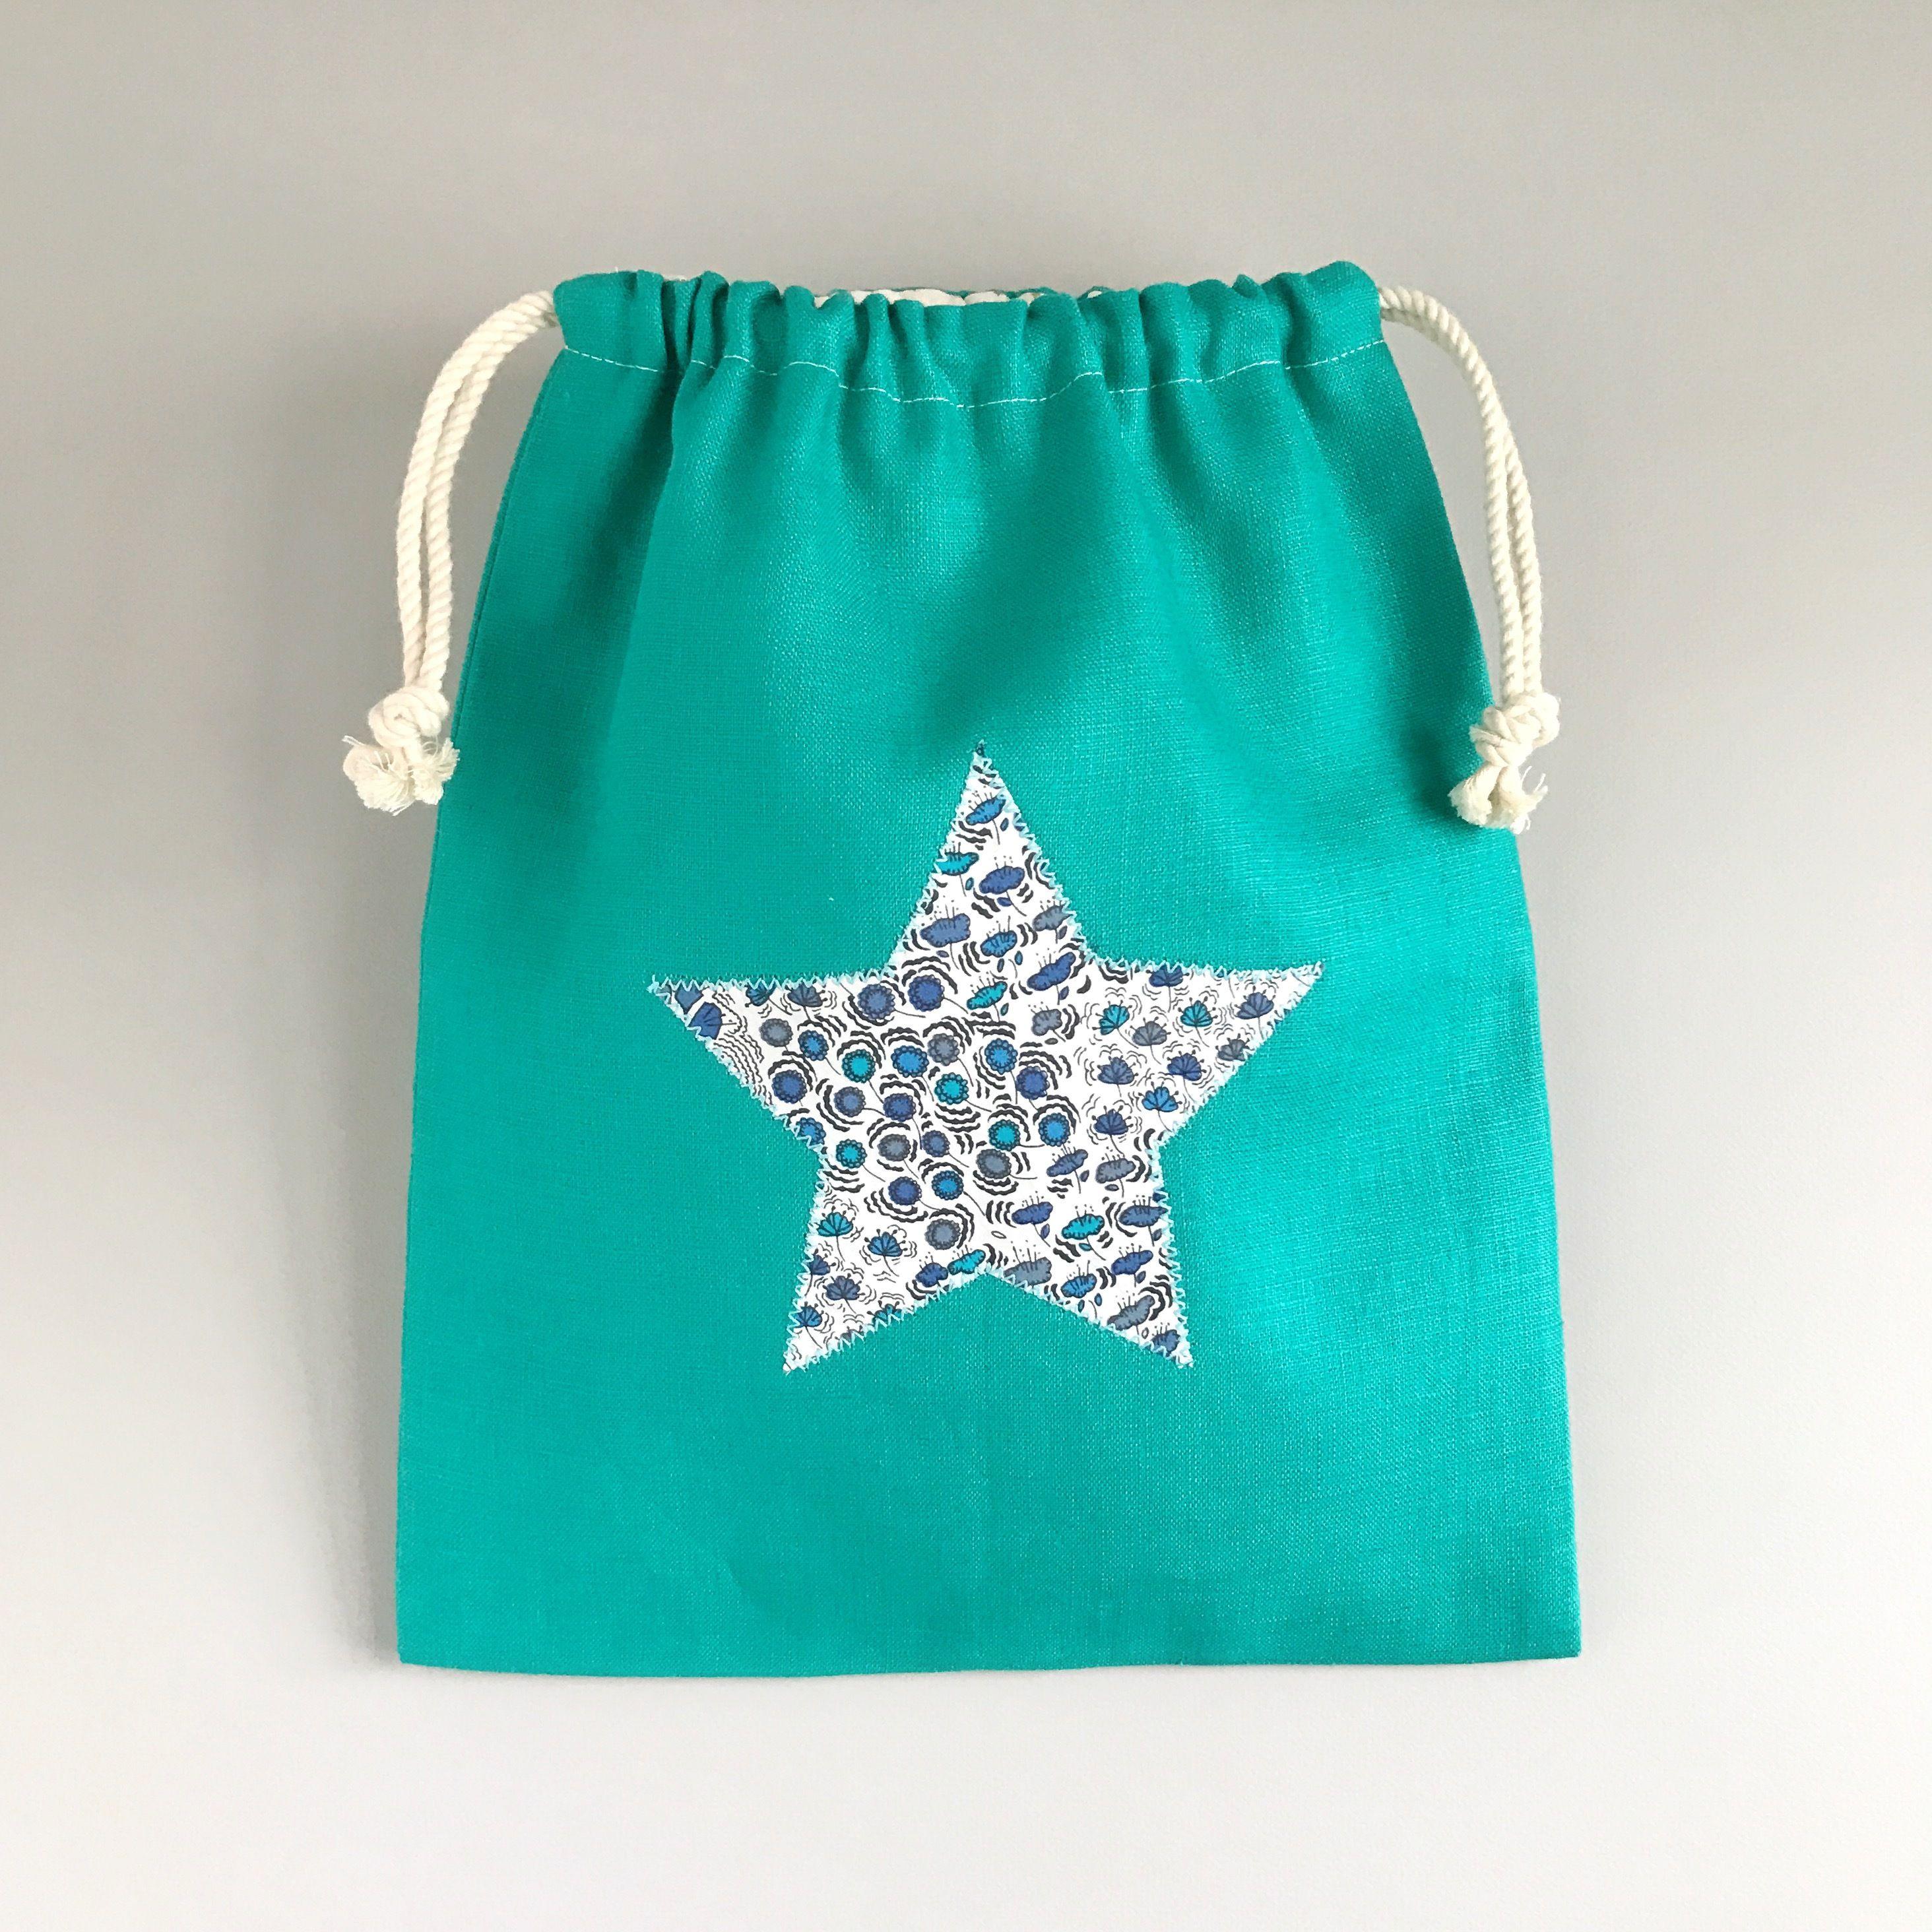 リバティ生地の星のアップリケ×グリーンリネン 巾着袋